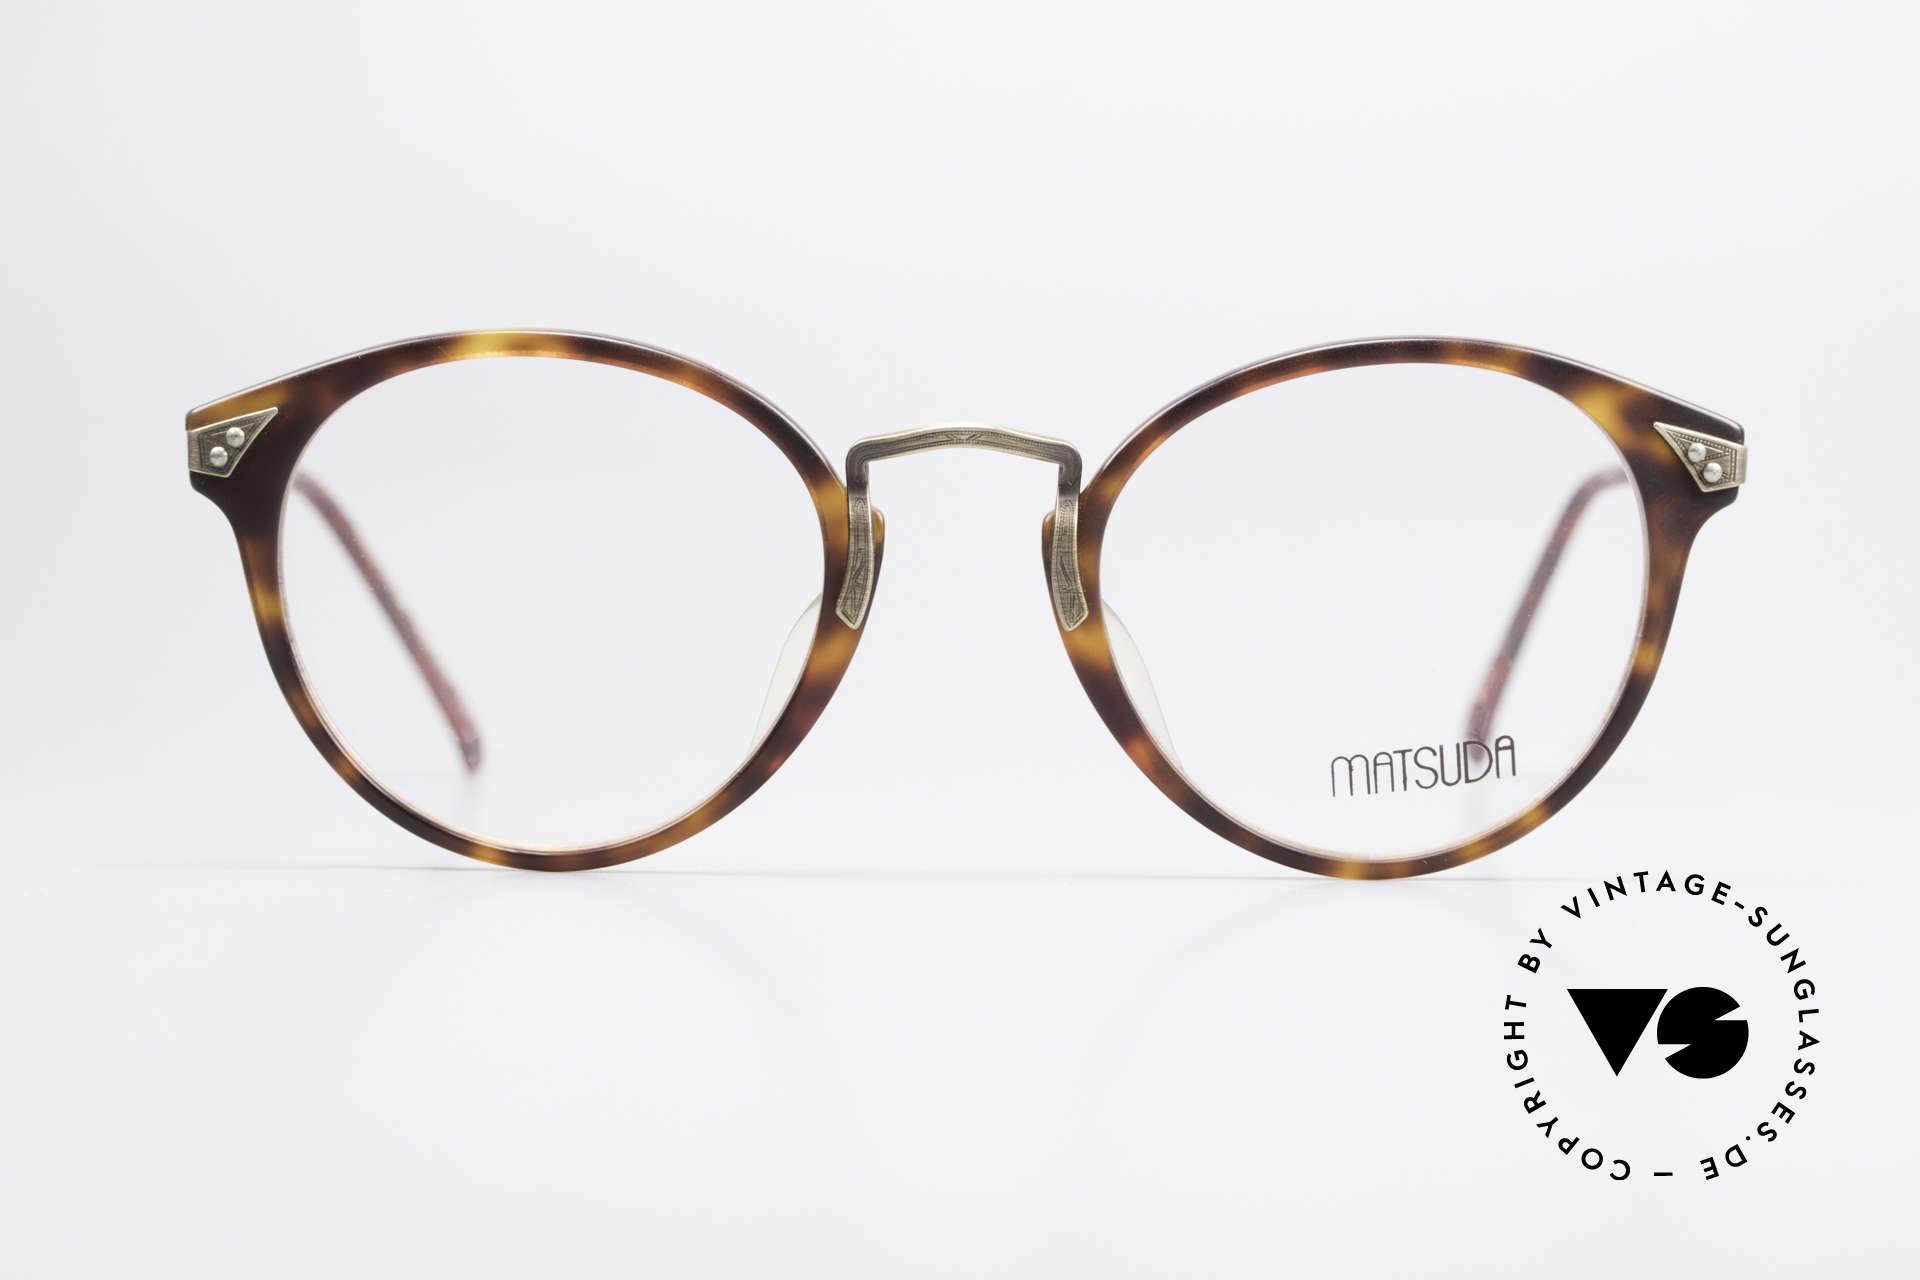 Matsuda 2805 Vintage Brille Panto Style, 1A-Qualität ist hier eine Selbstverständlichkeit, Passend für Herren und Damen